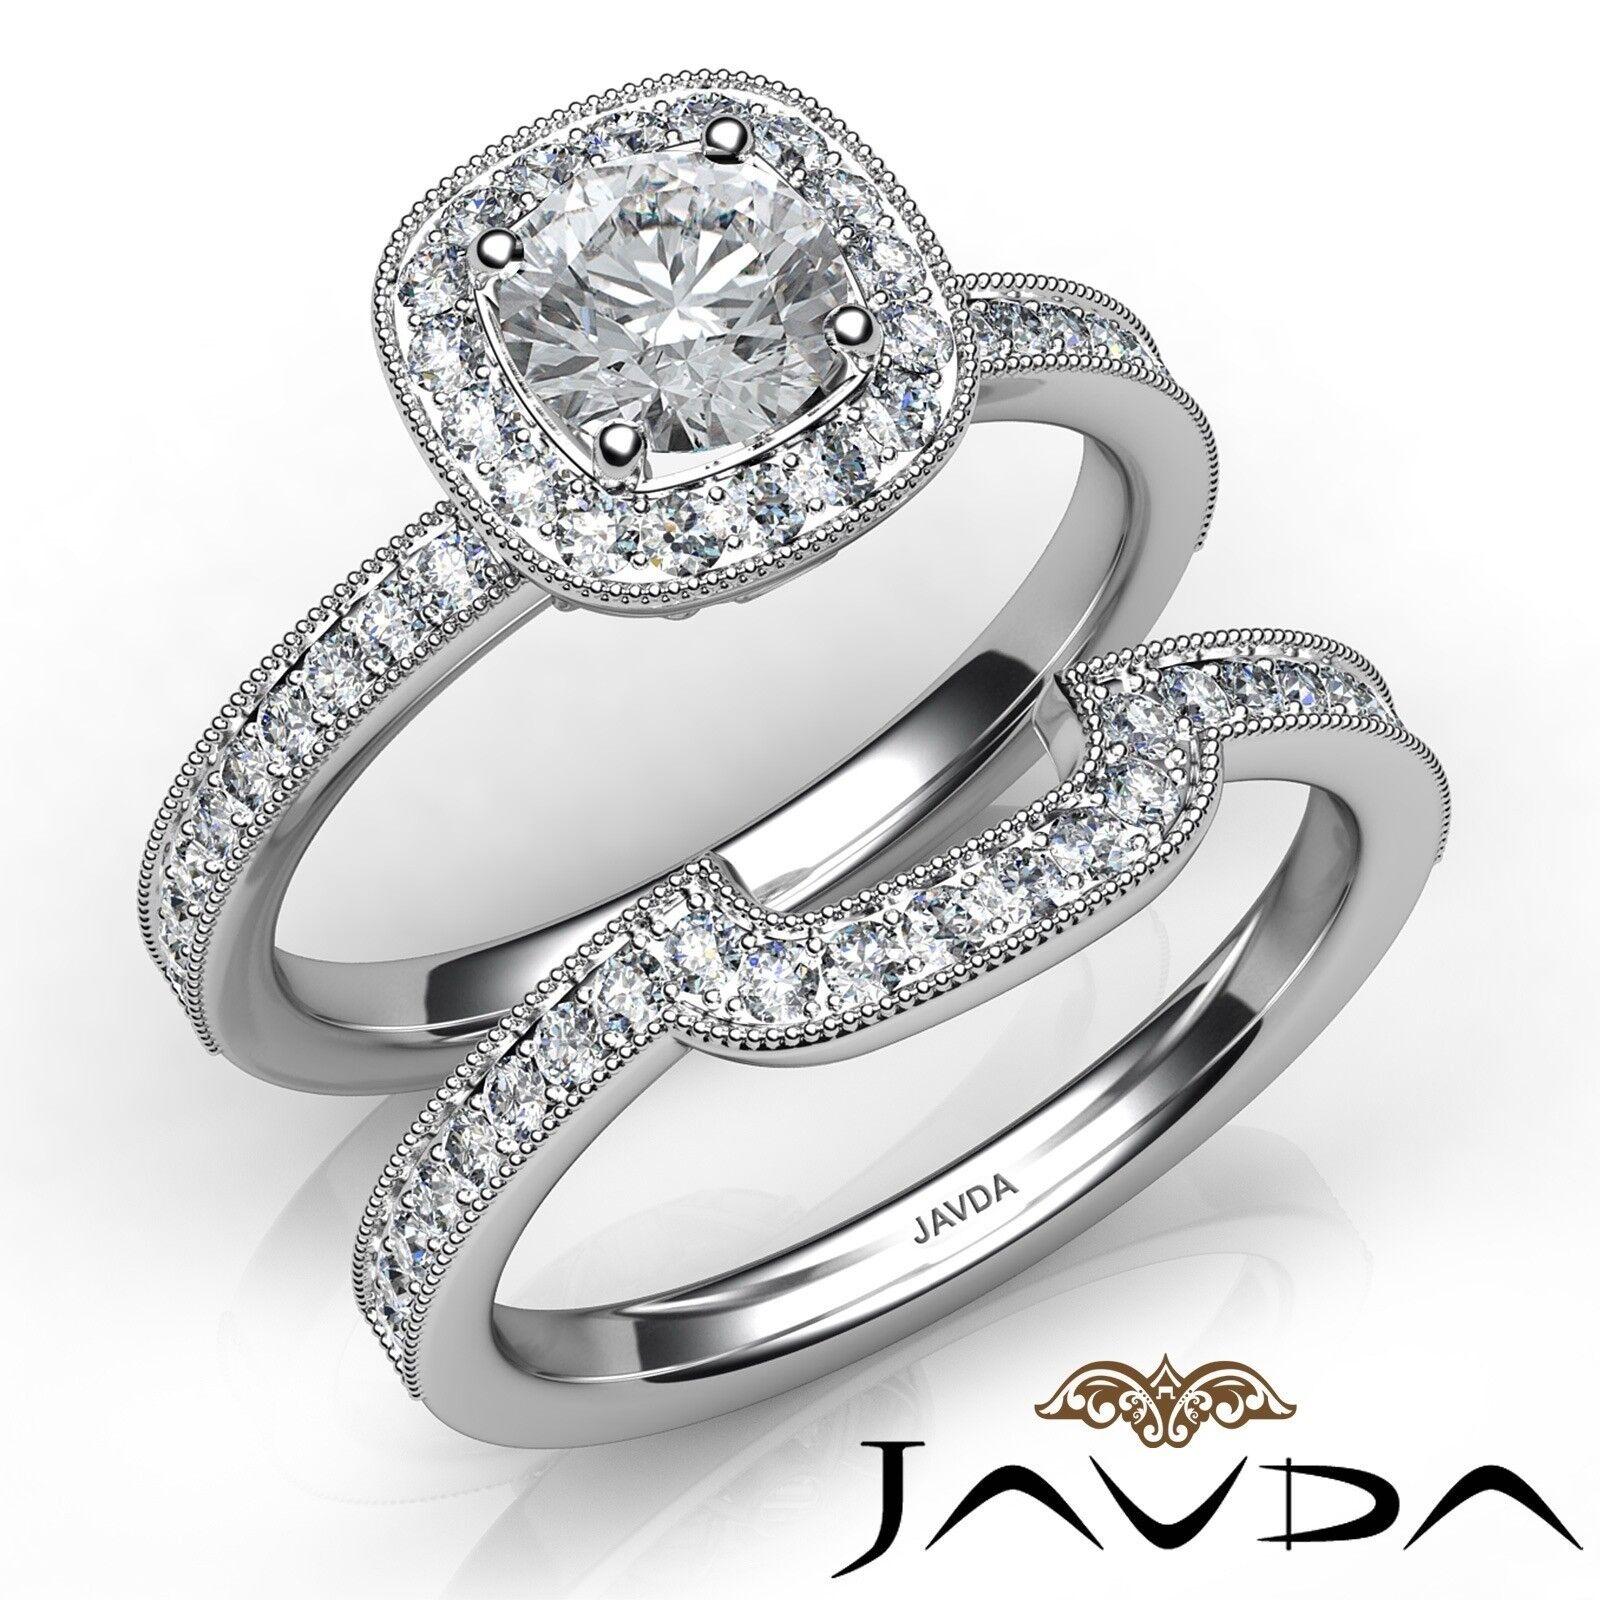 1.4ctw Milgrain Halo Bridal Round Diamond Engagement Ring GIA E-VS2 White Gold